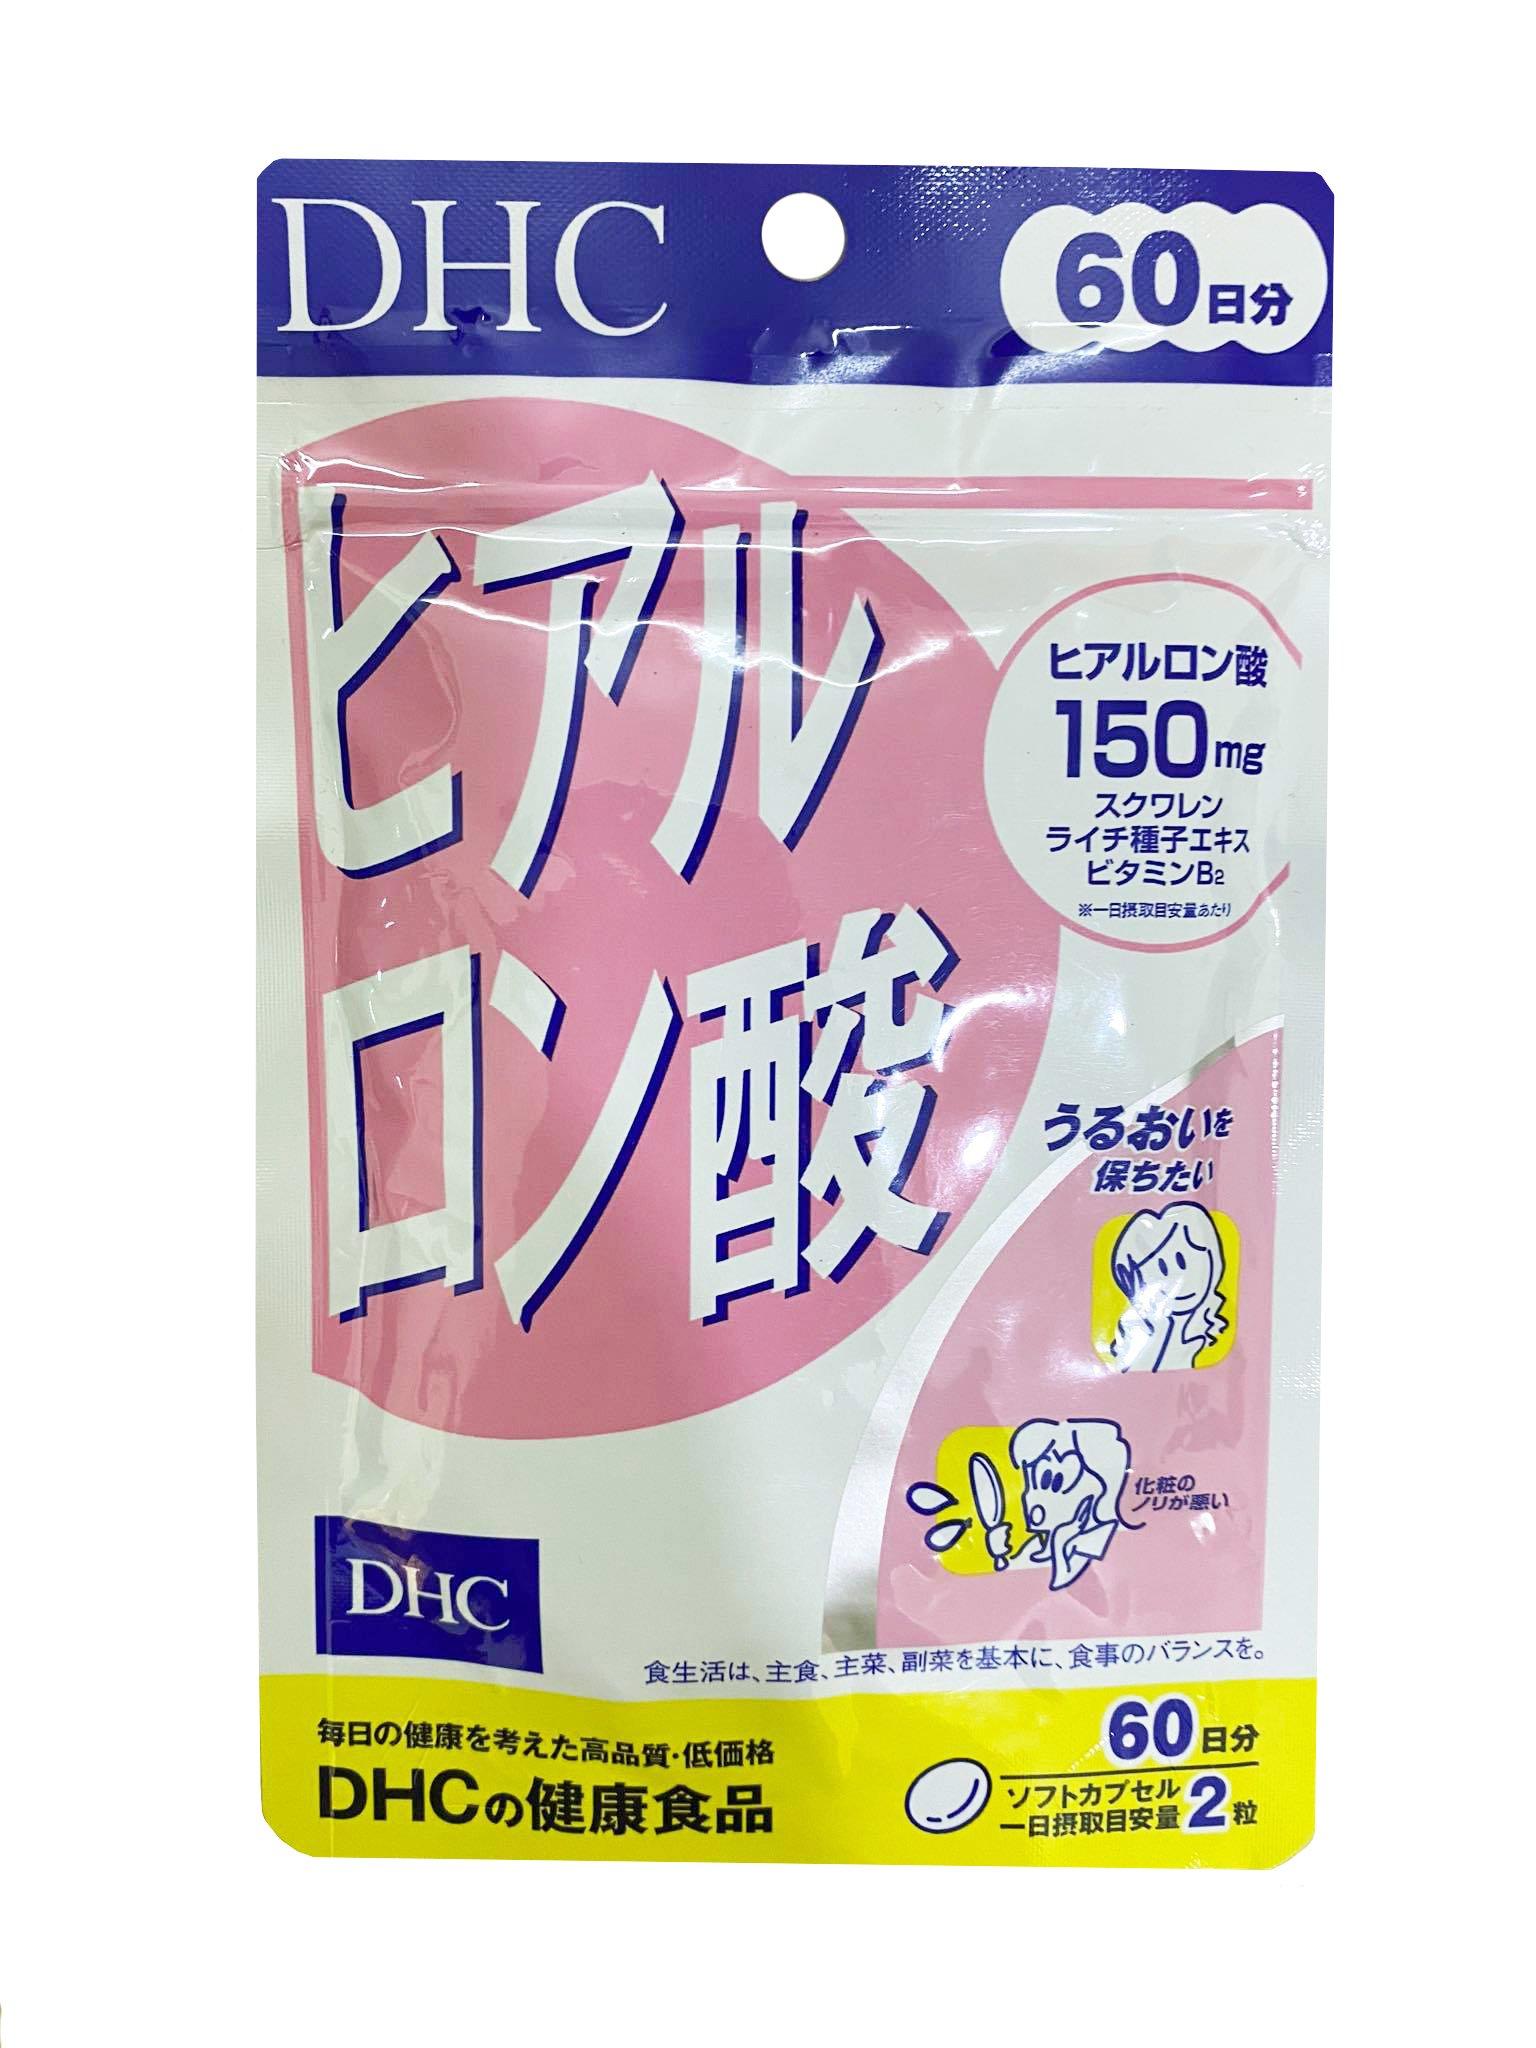 Viên uống hỗ trợ cấp nước DHC Hyaluronic Acid 60 ngày mẫu cũ